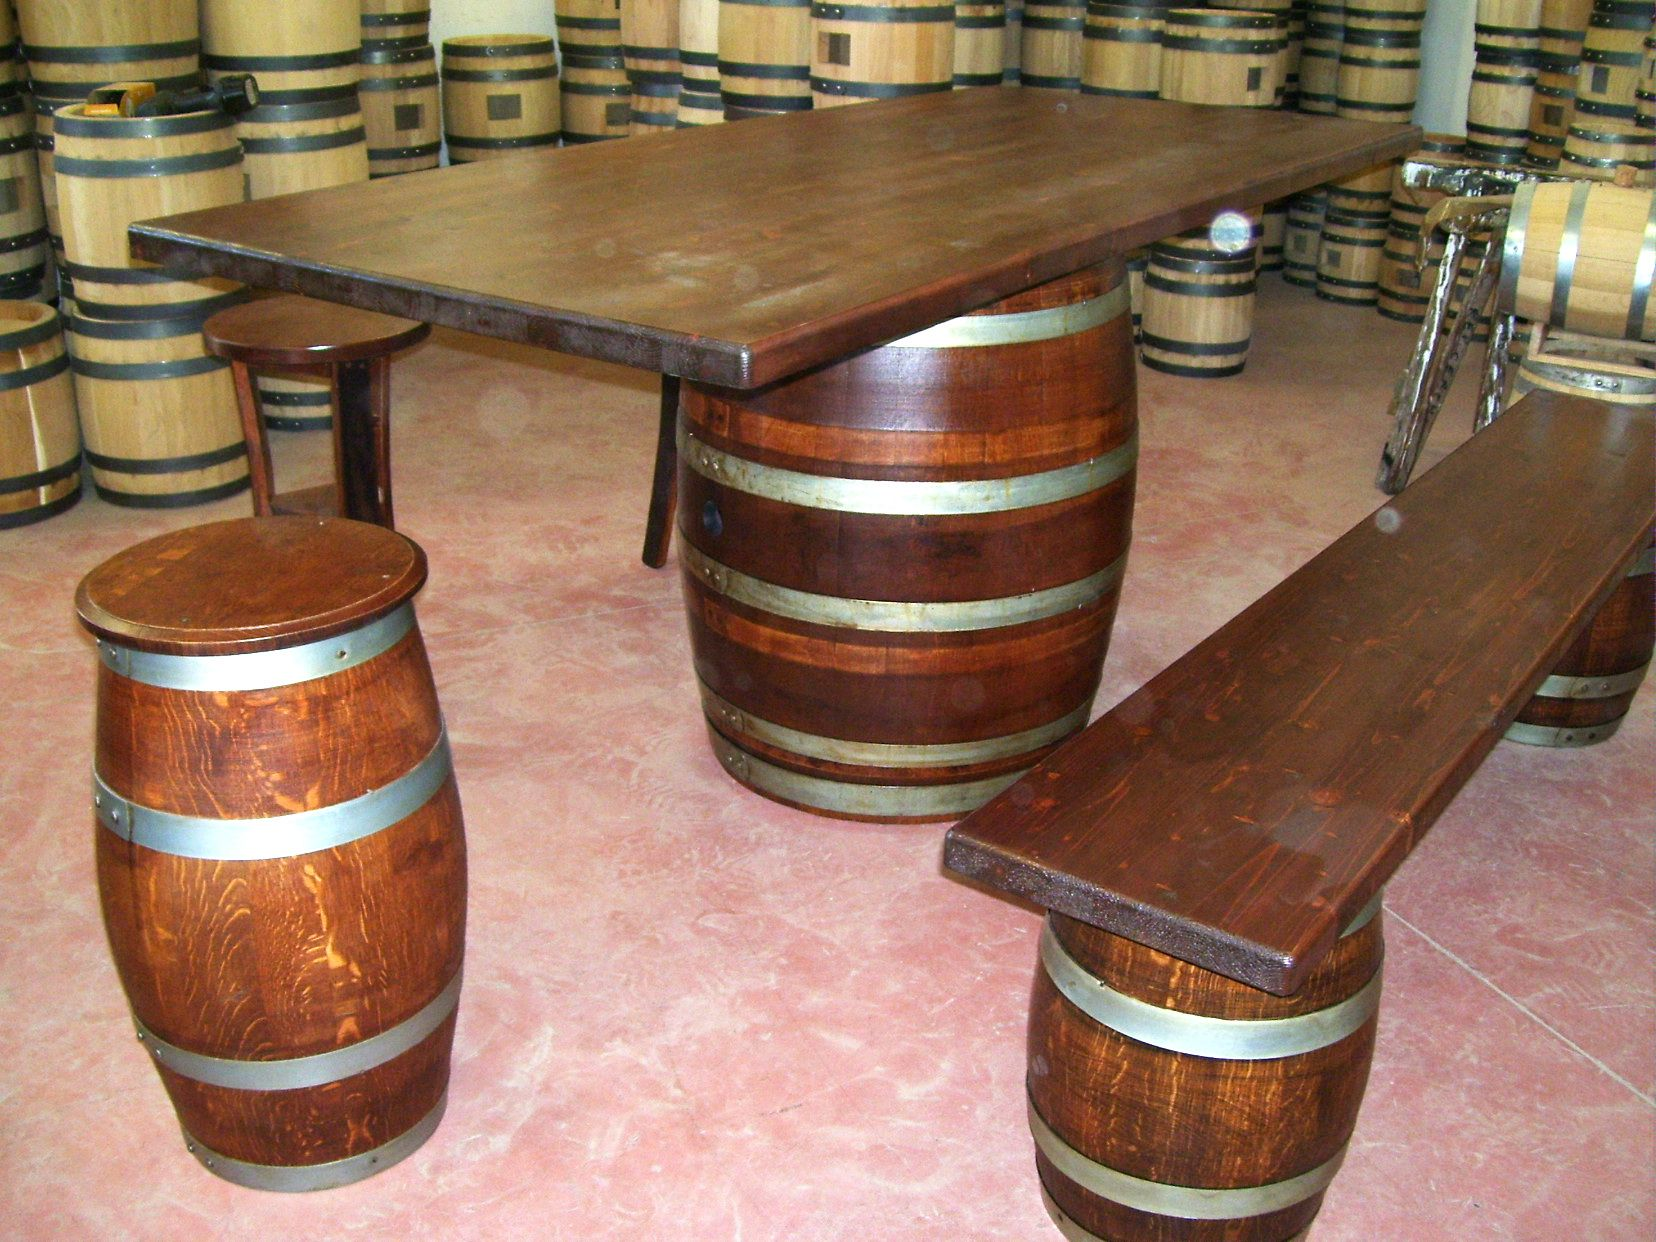 Tavolo bar bellissimo accessori per piscine tavoli per sgabelli